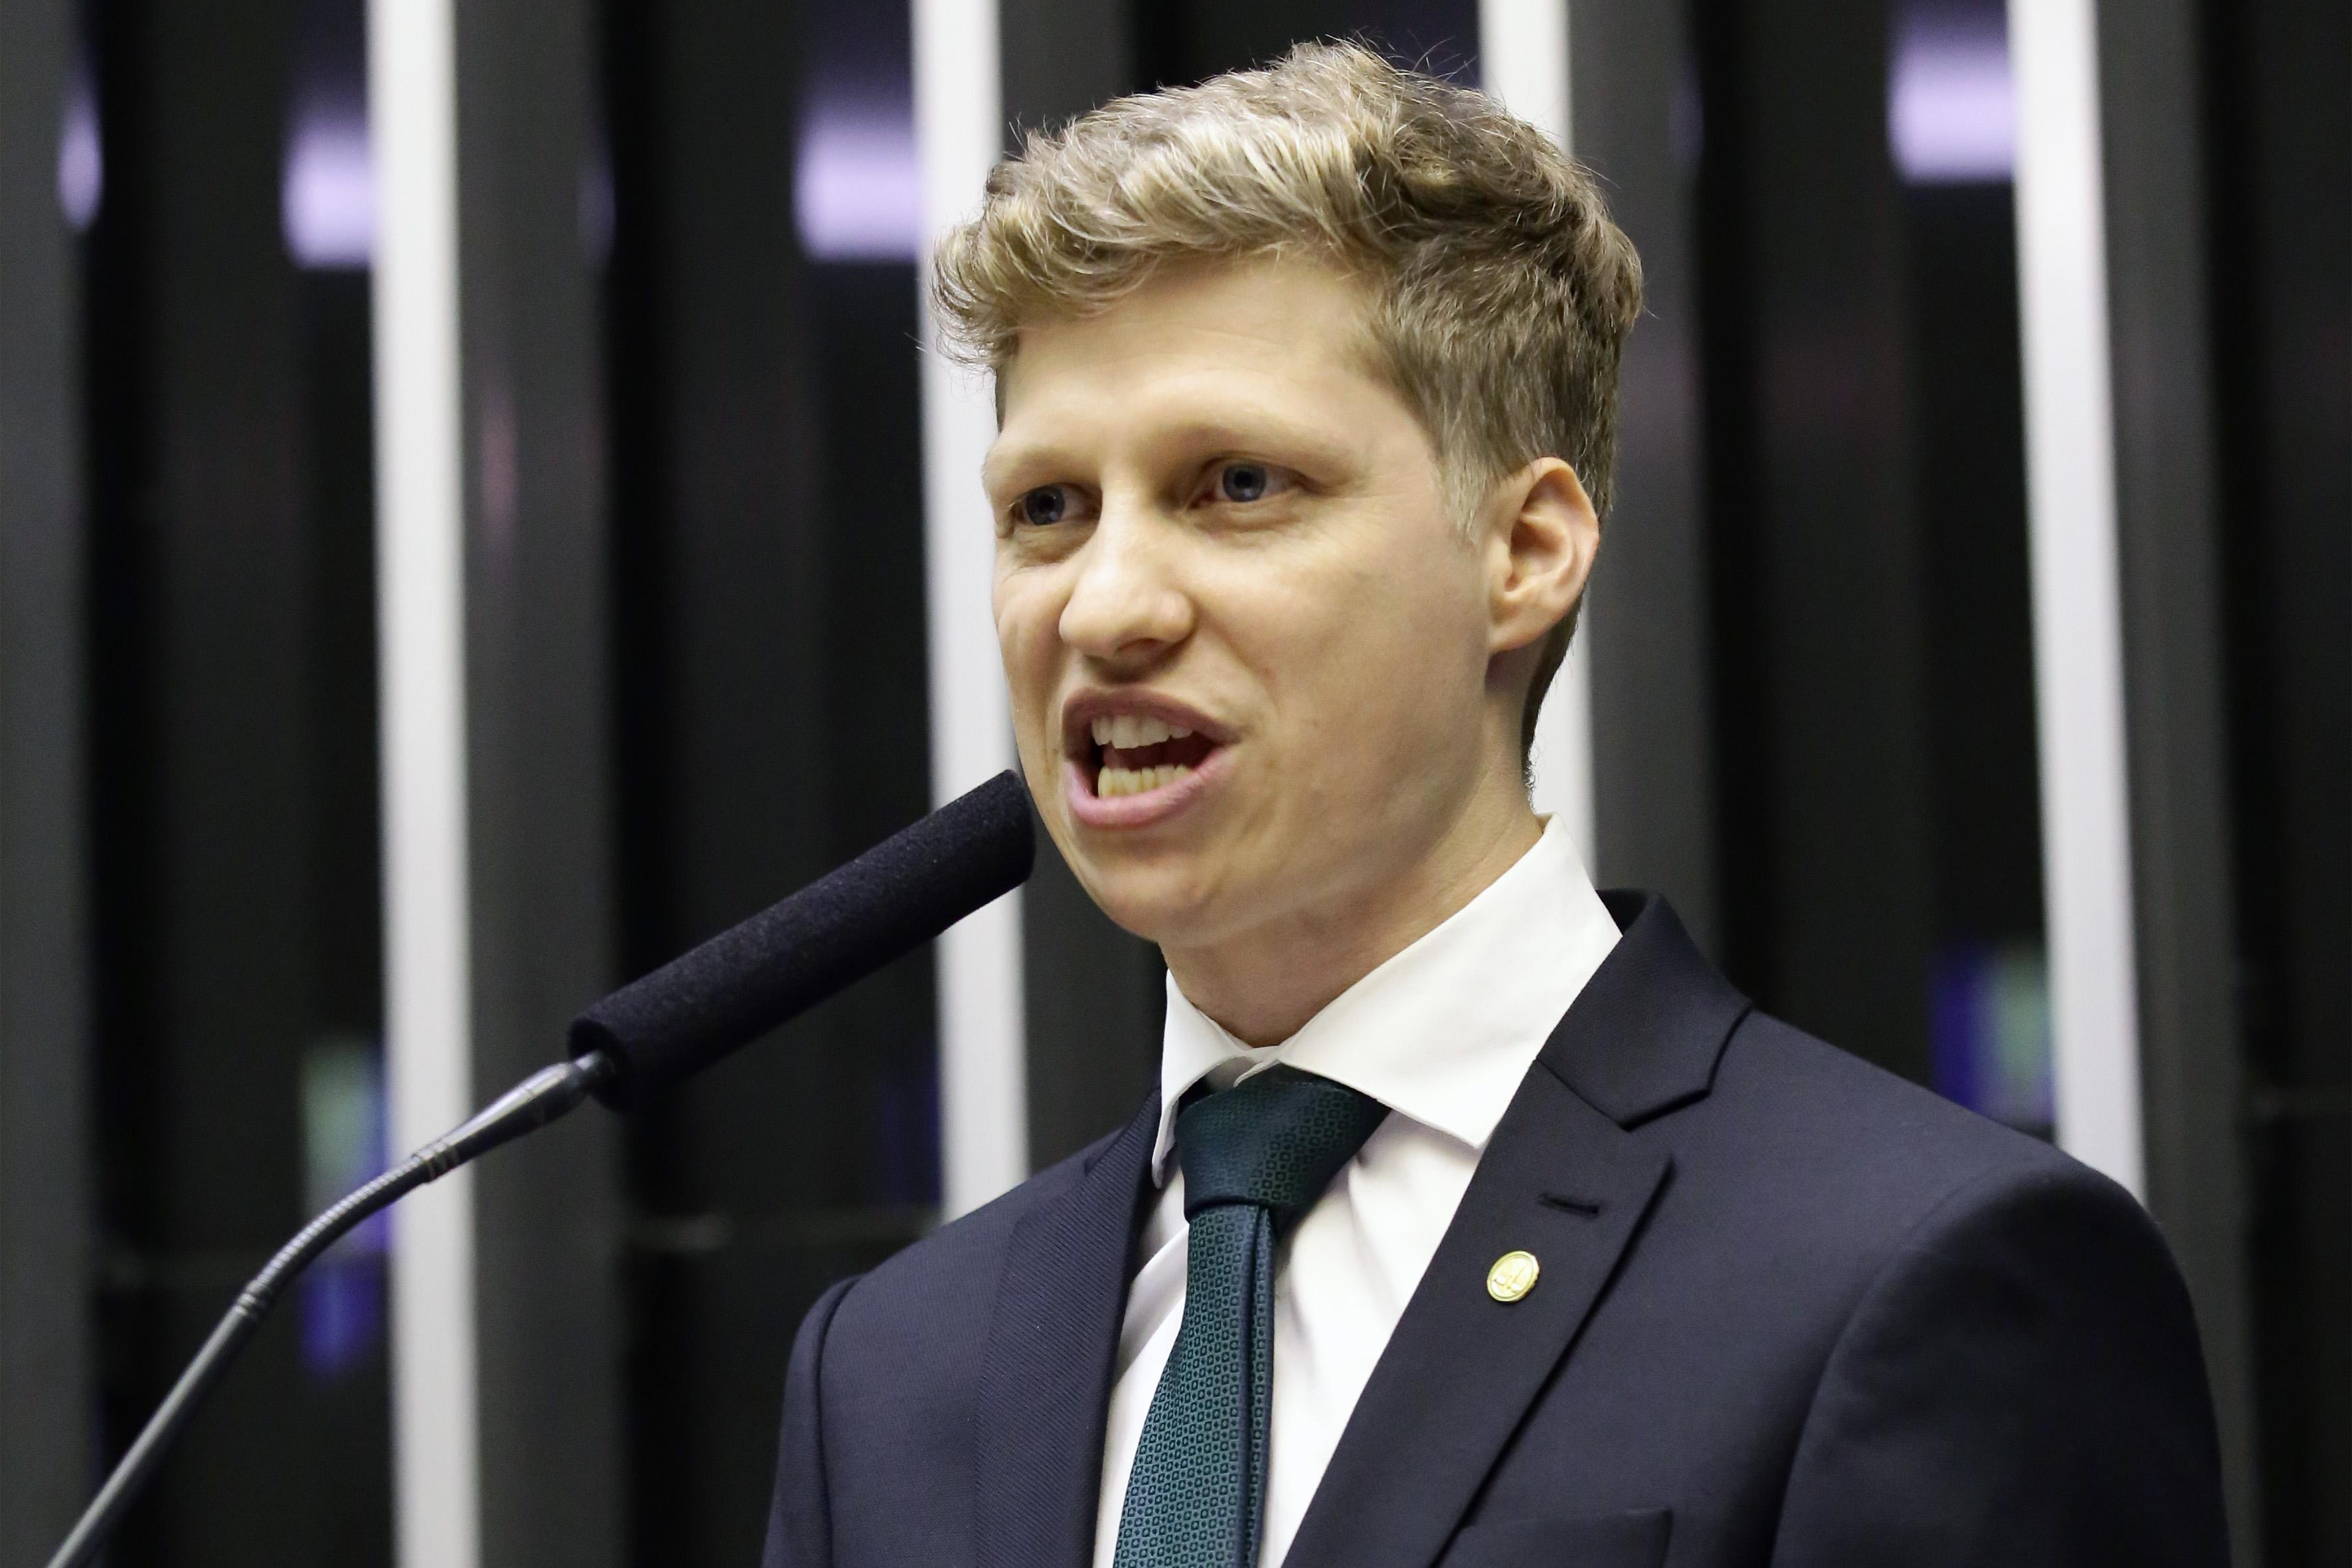 2ª Sessão Preparatória destinada à eleição dos membros da Mesa Diretora da Câmara dos Deputados para o biênio 2019/2020. Candidato à presidência da Câmara, dep. Marcel van Hattem (NOVO-RS)